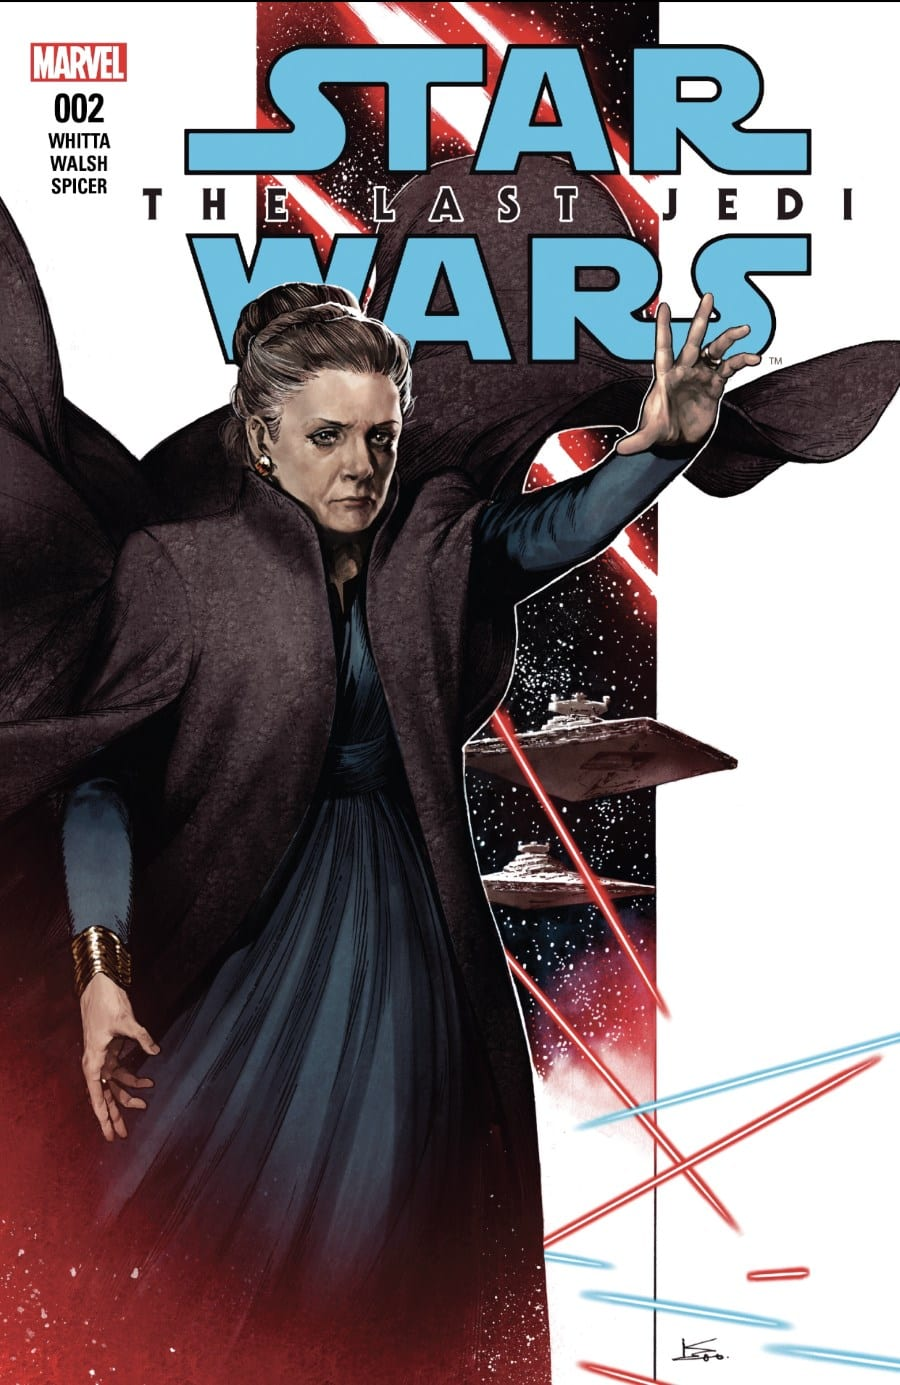 The Last Jedi #2 Cover